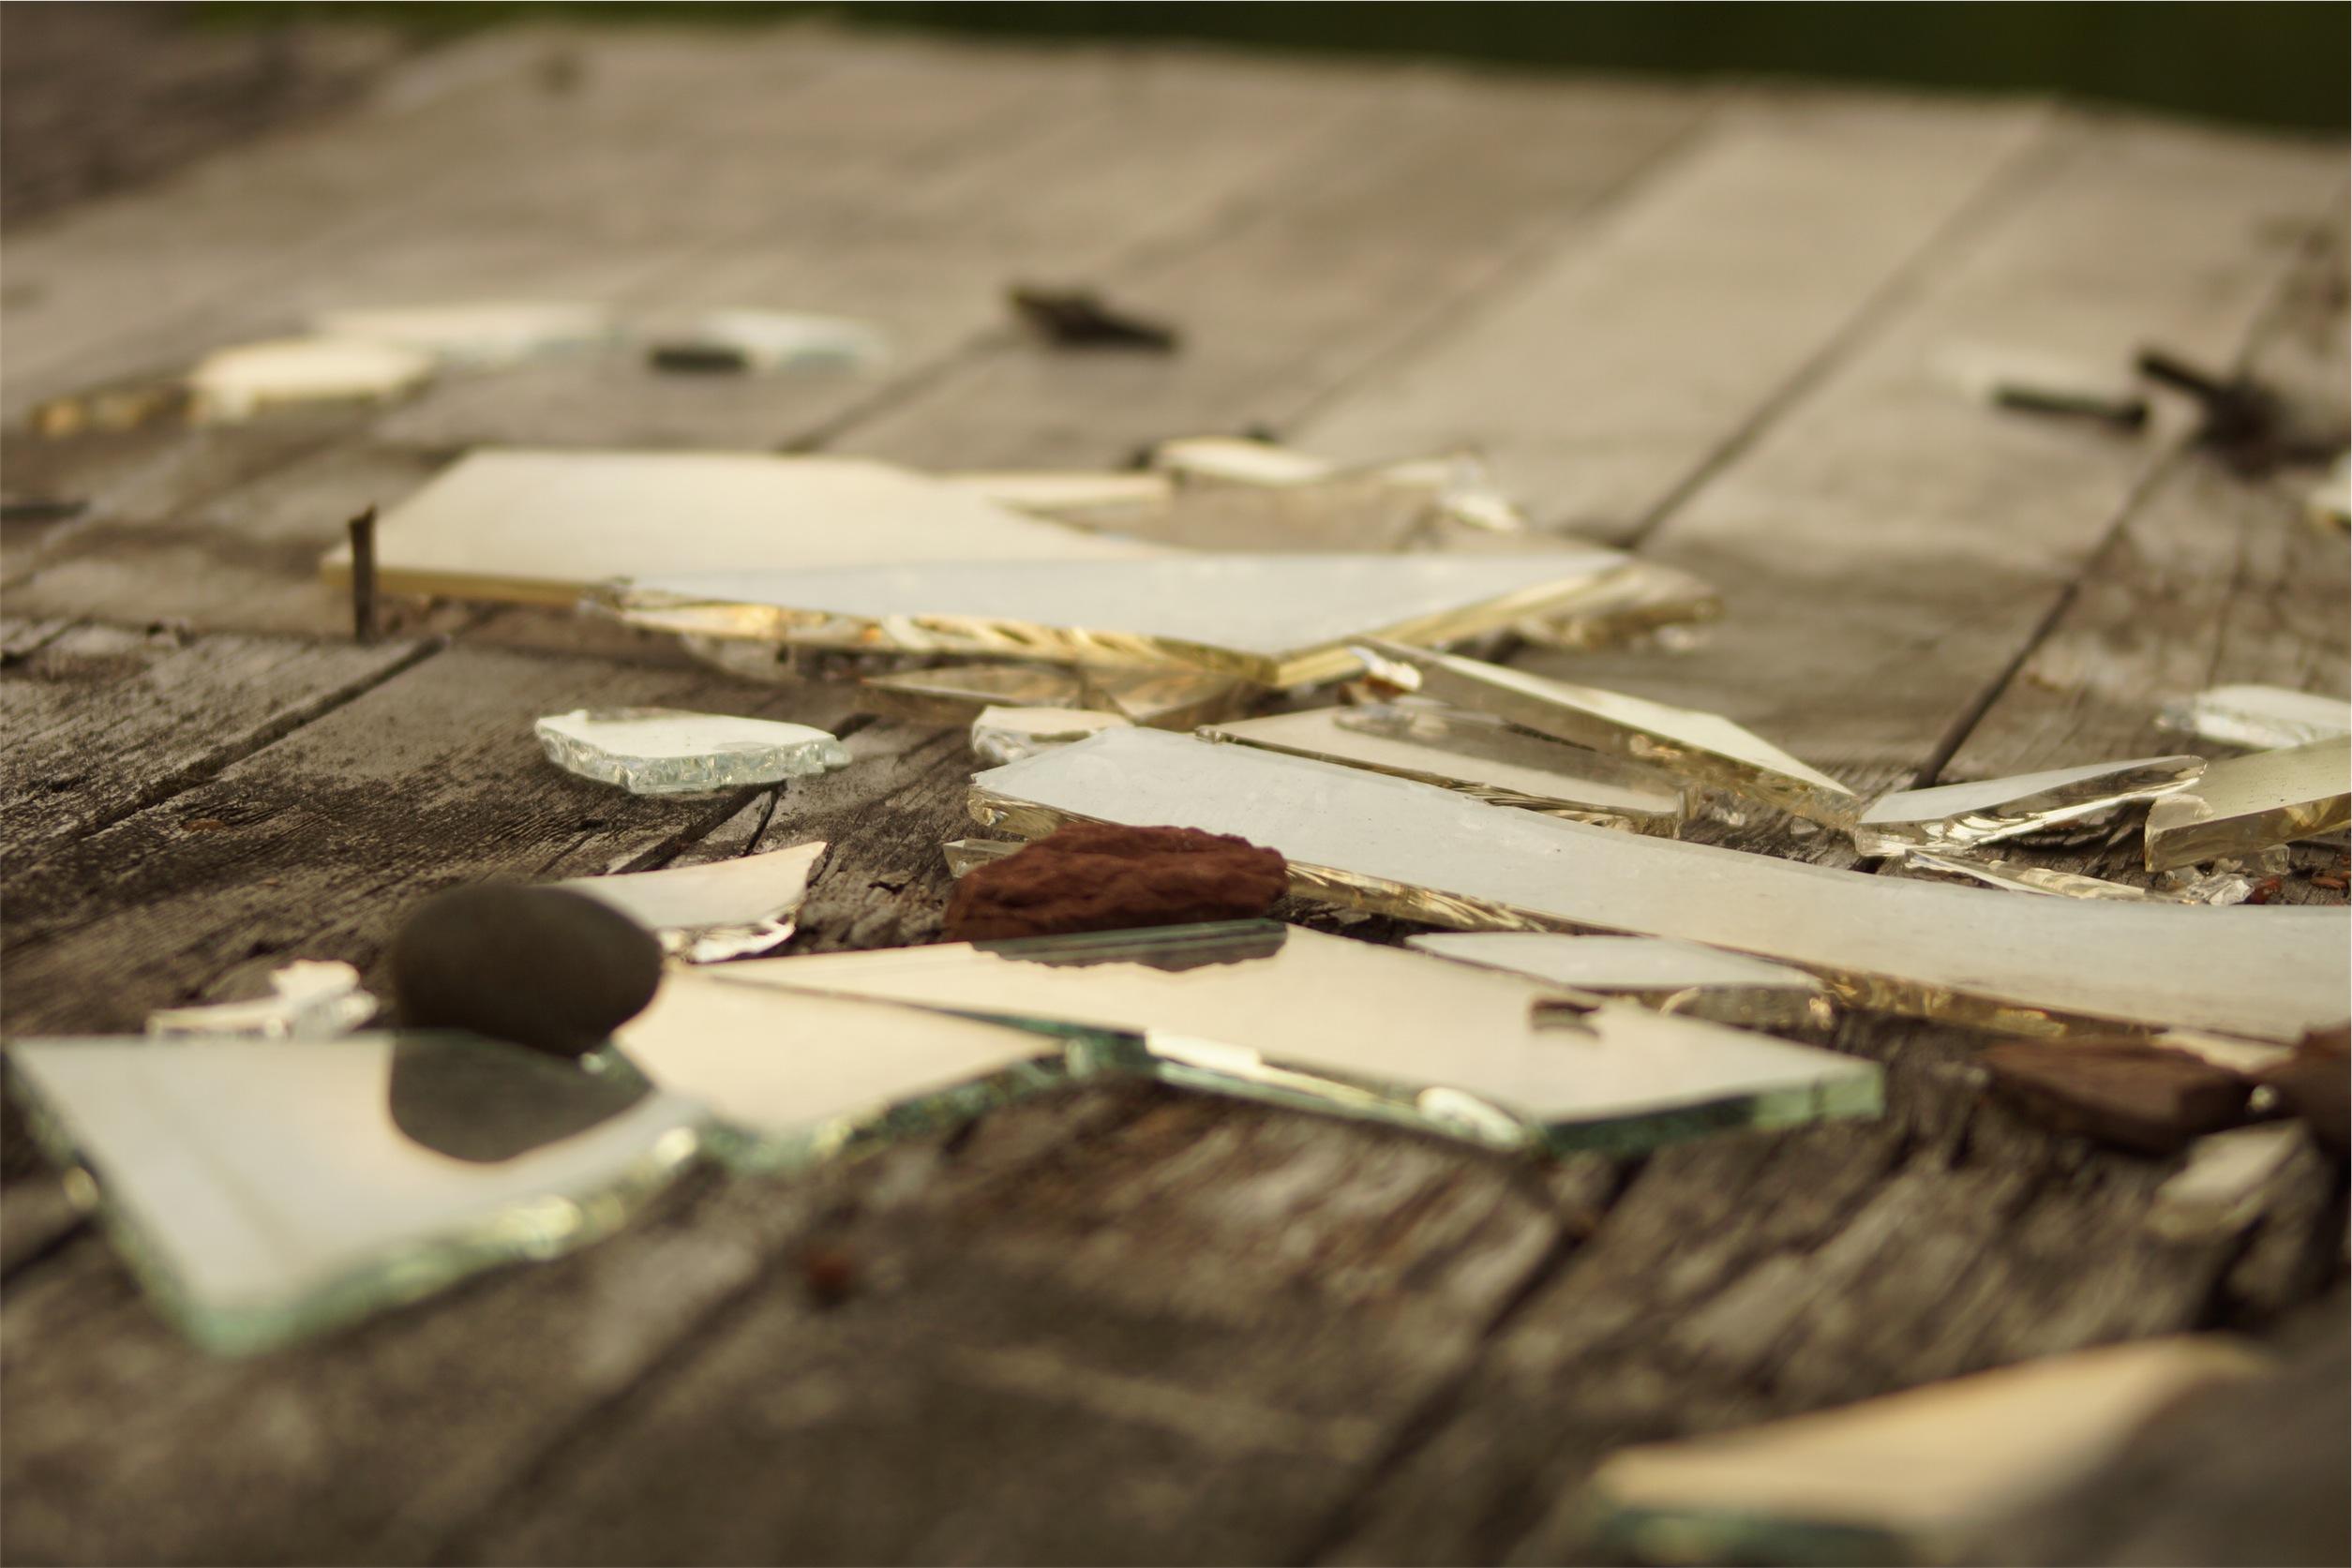 Broken Mirror, Wood, Glass, Mirror, Martes Trece